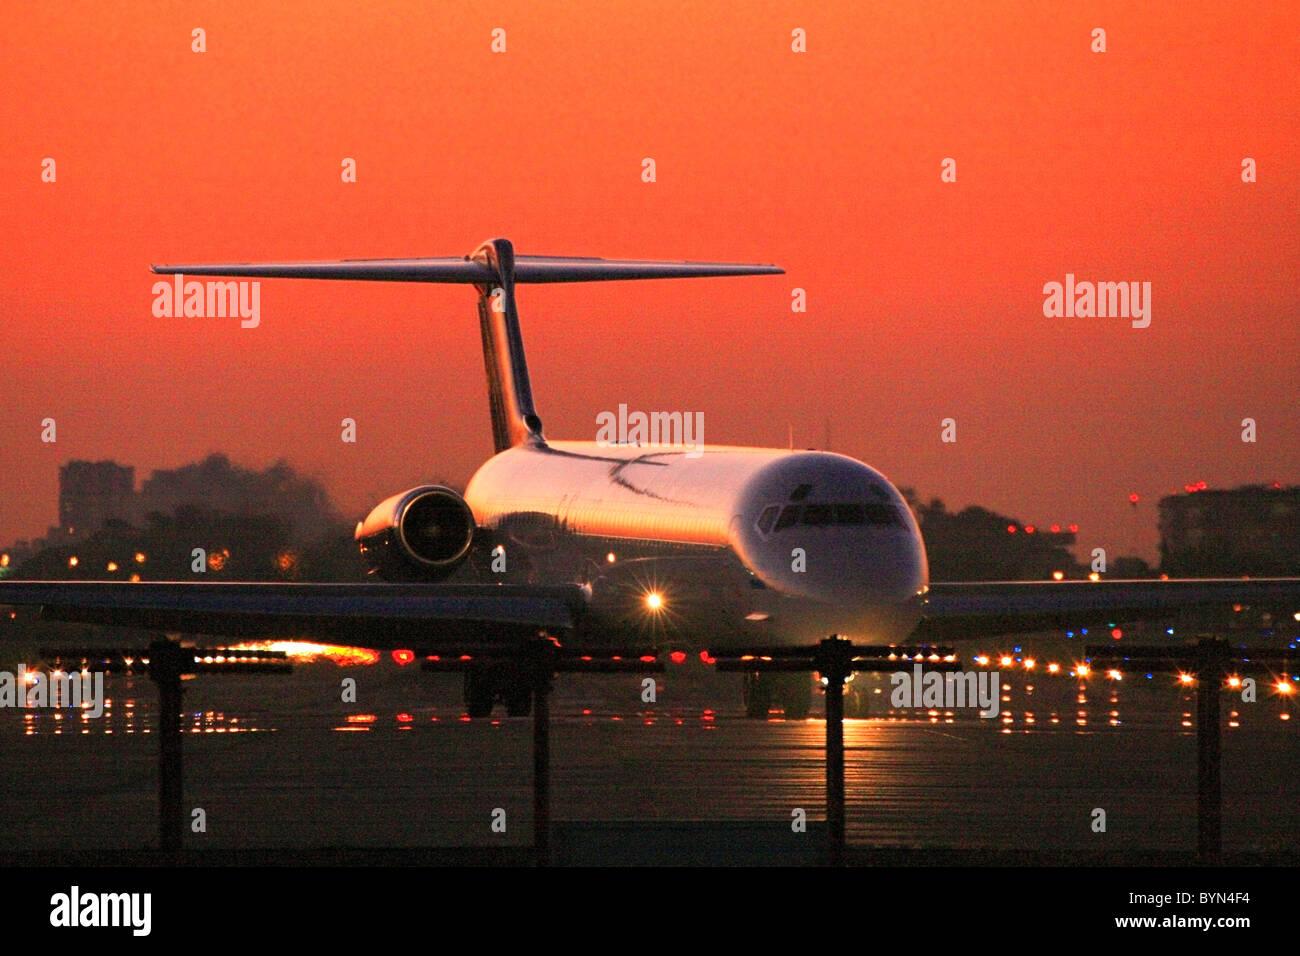 Turbo jet comercial llegar En avión El aeropuerto Jorge Newbery, al atardecer. Imagen De Stock